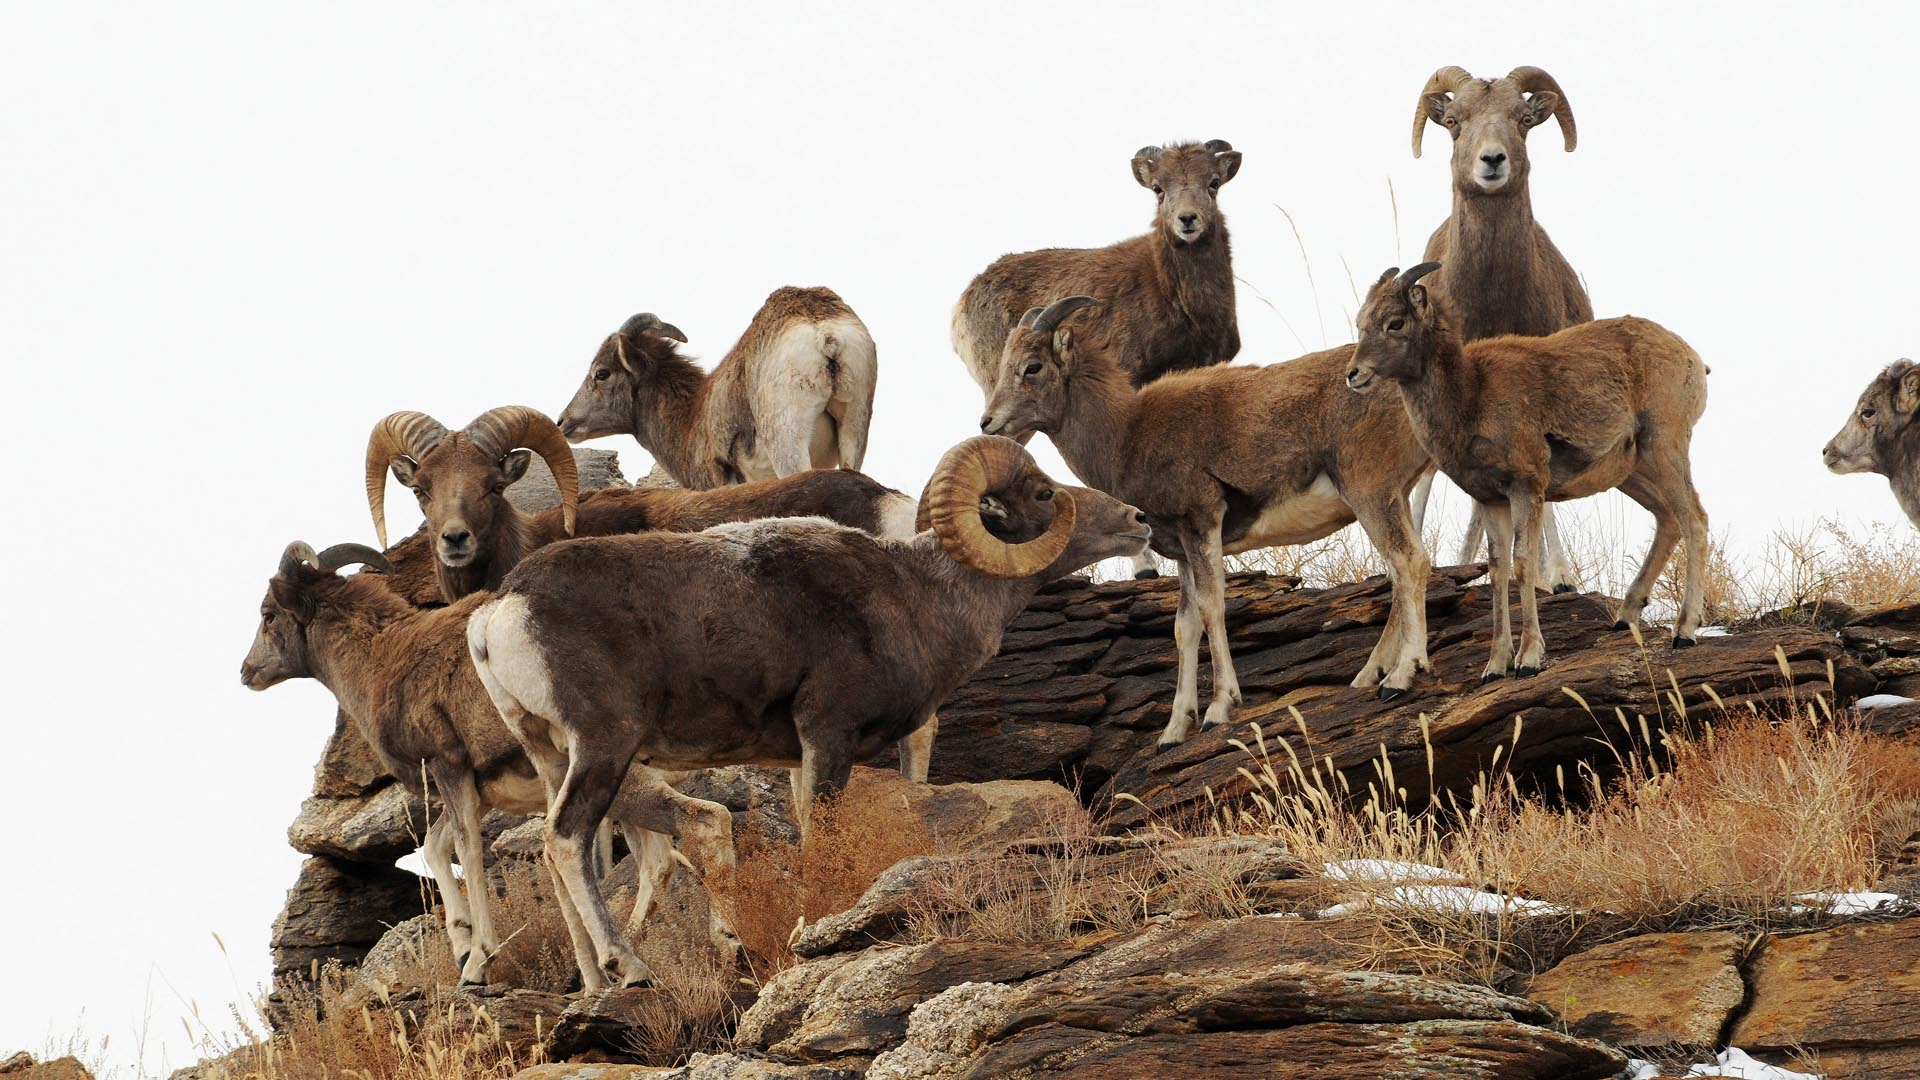 Argali - Wild Sheep - Ovis ammon tum-eco tour tumeco tum eco gobi mongolia mammal mammalwatching